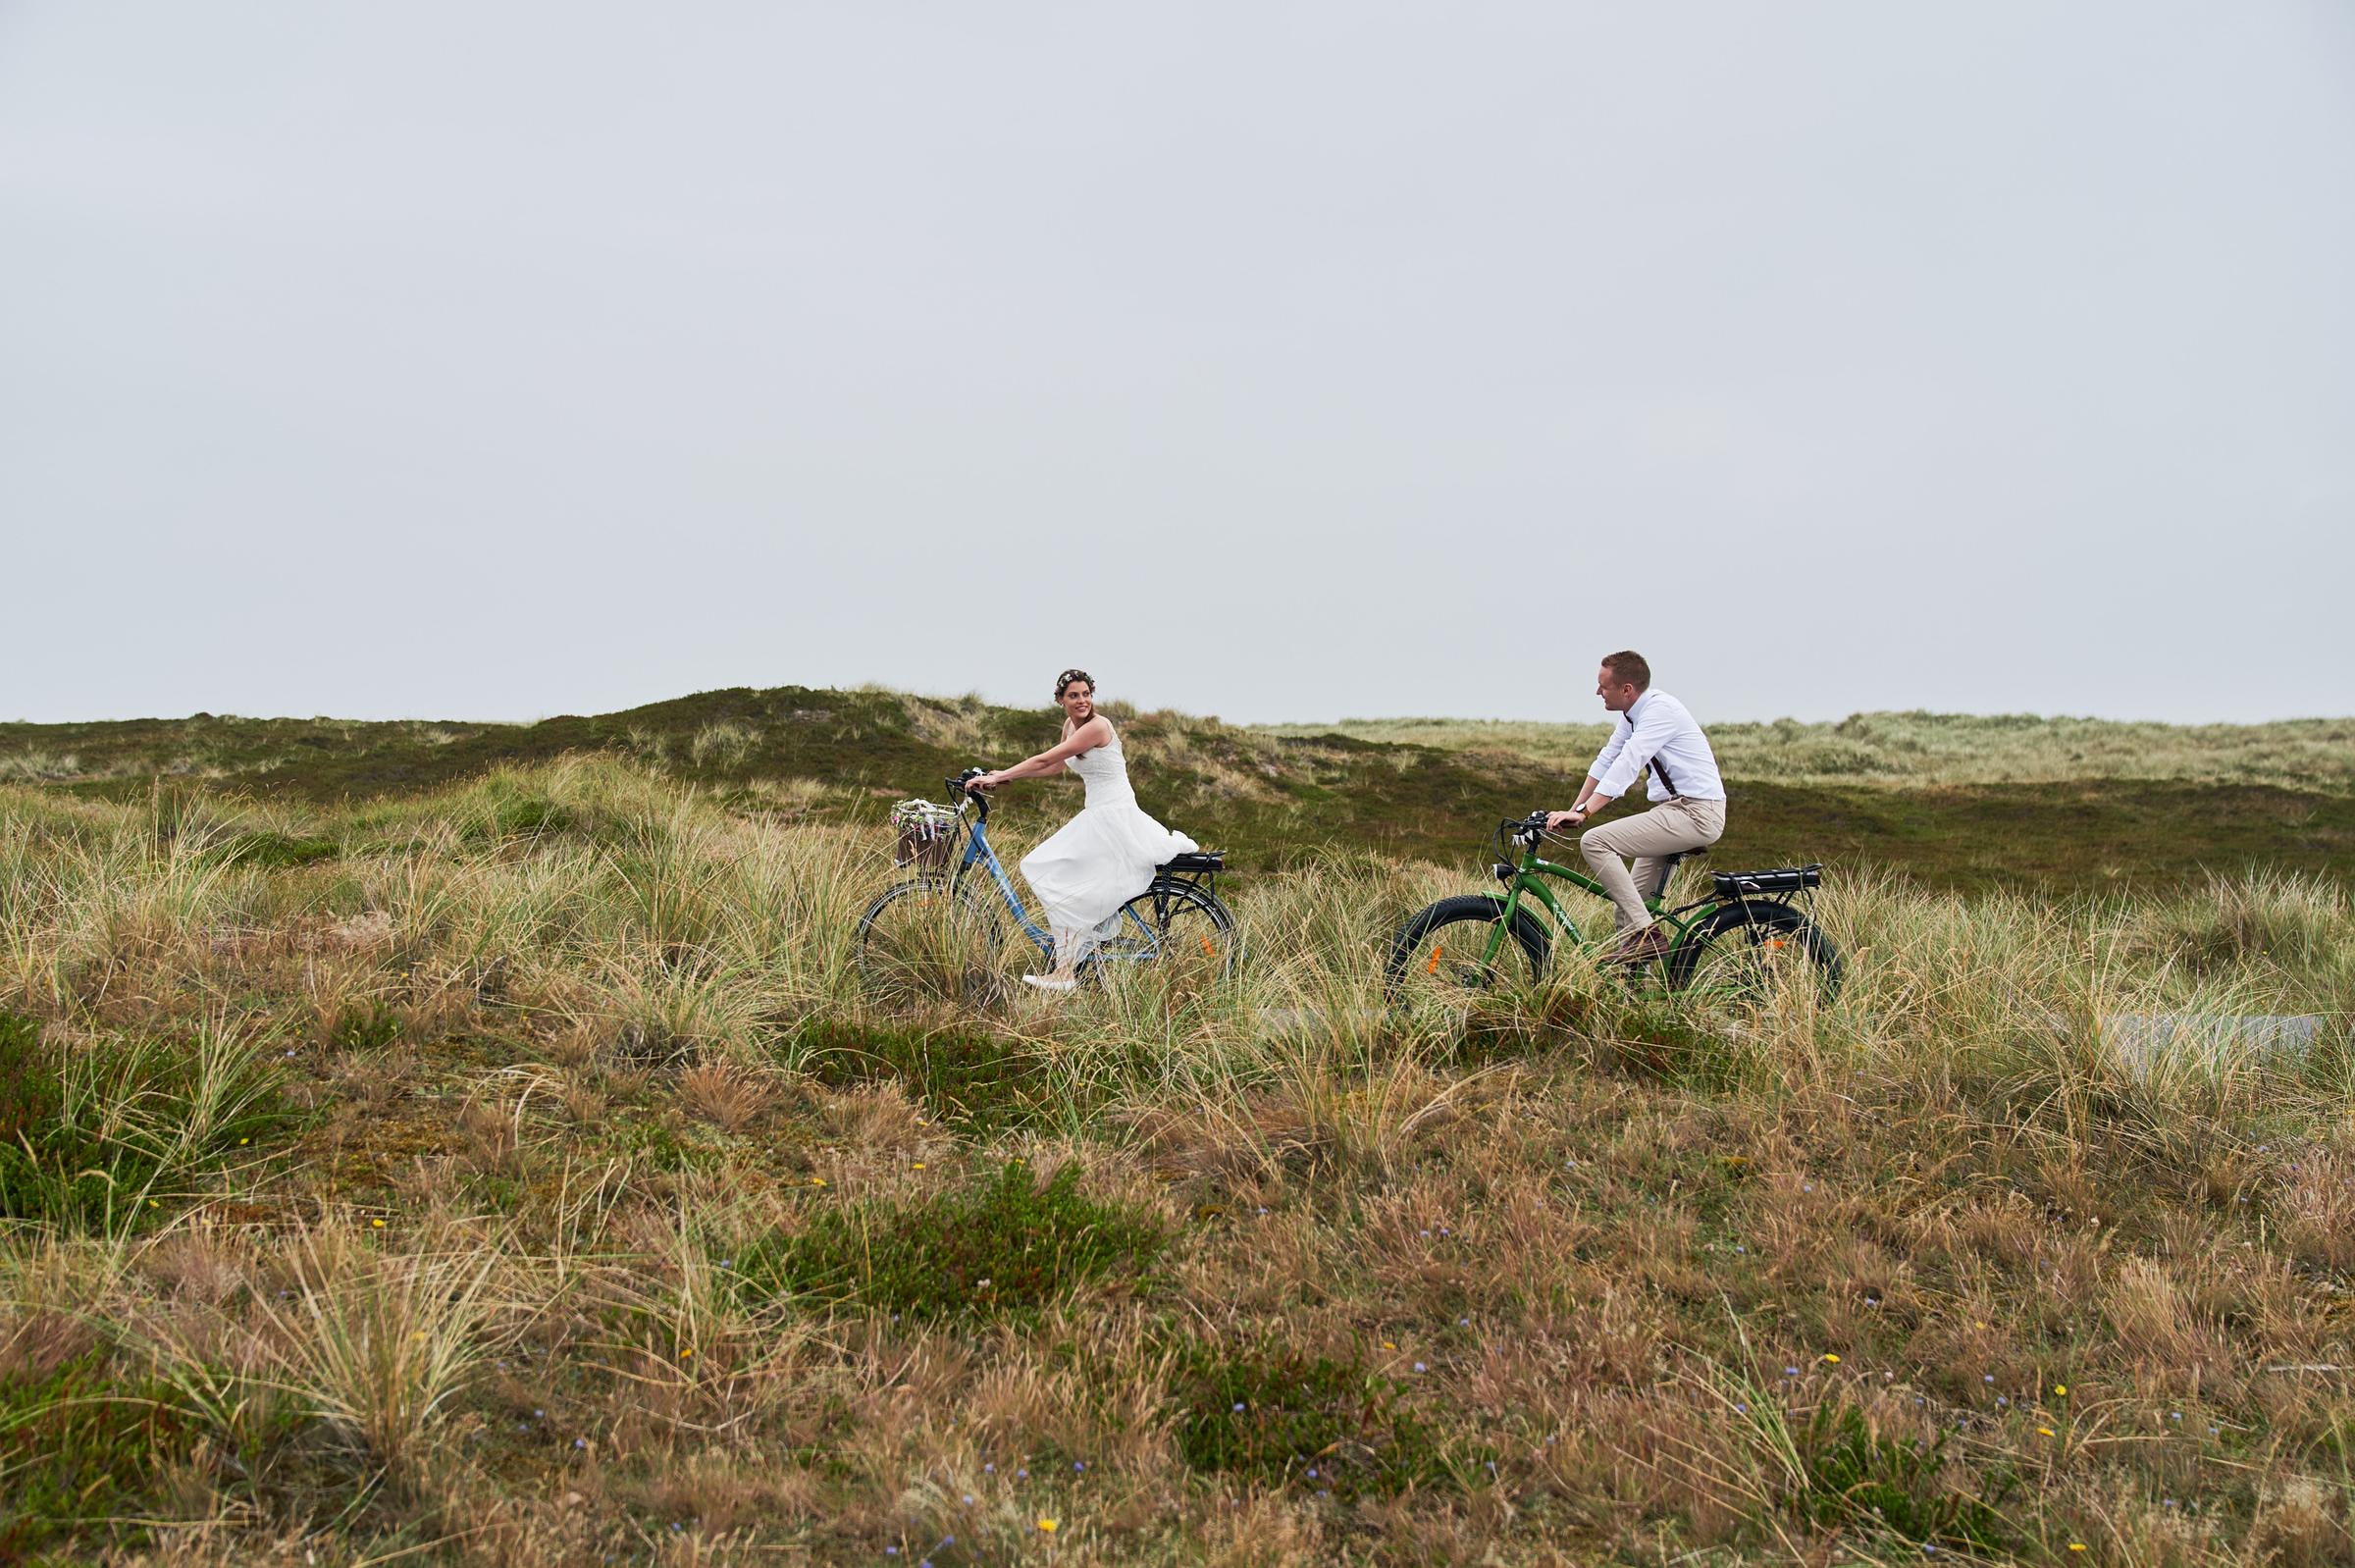 sylt-fahrradhochzeit48